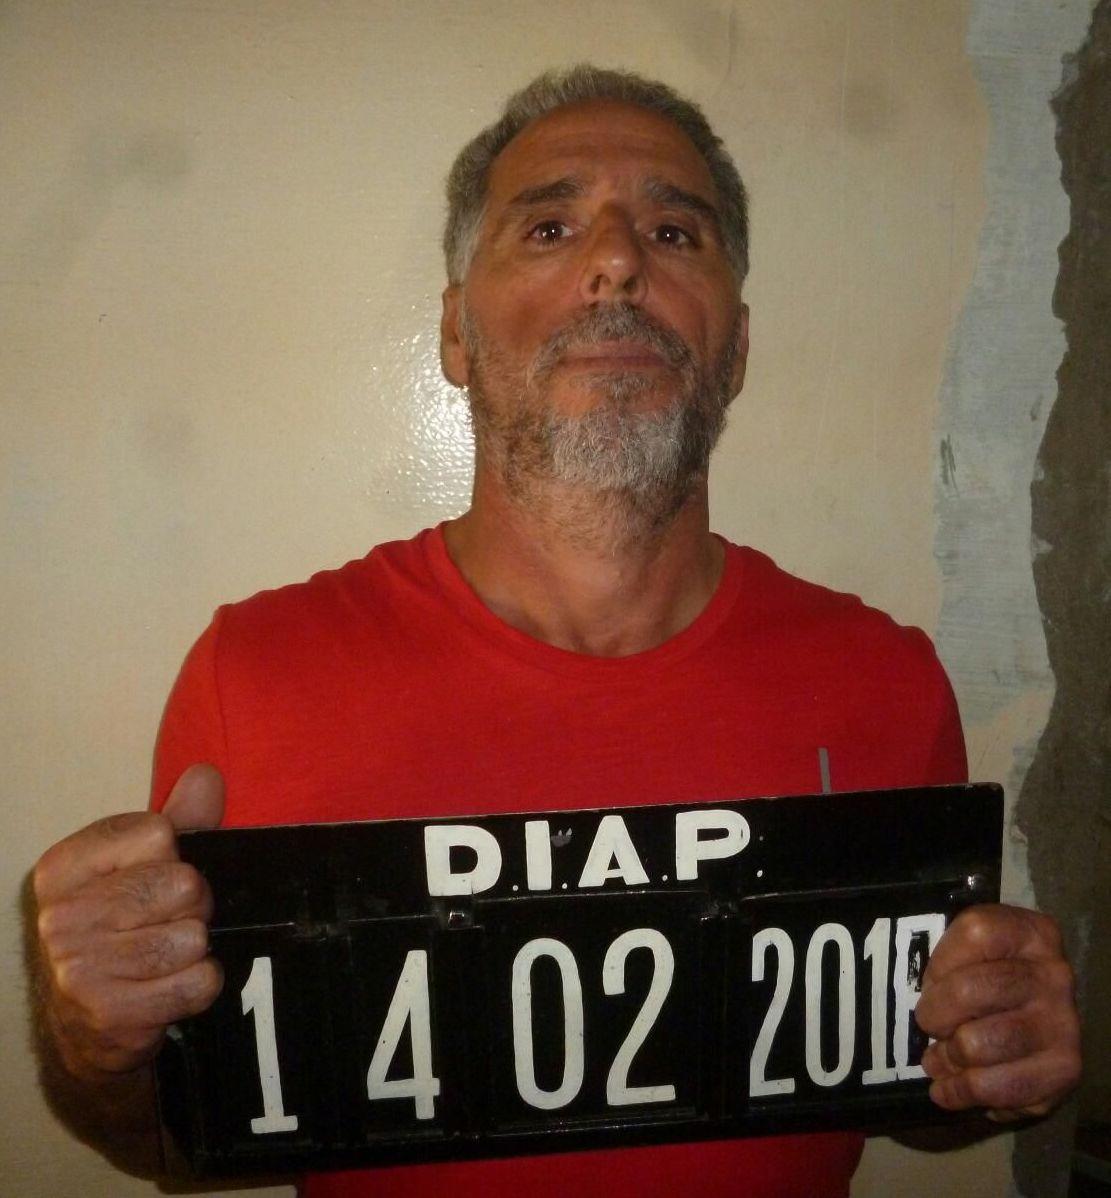 El italiano Rocco Morabito, prófugo de la Justicia italiana y fugado de una cárcel en Uruguay